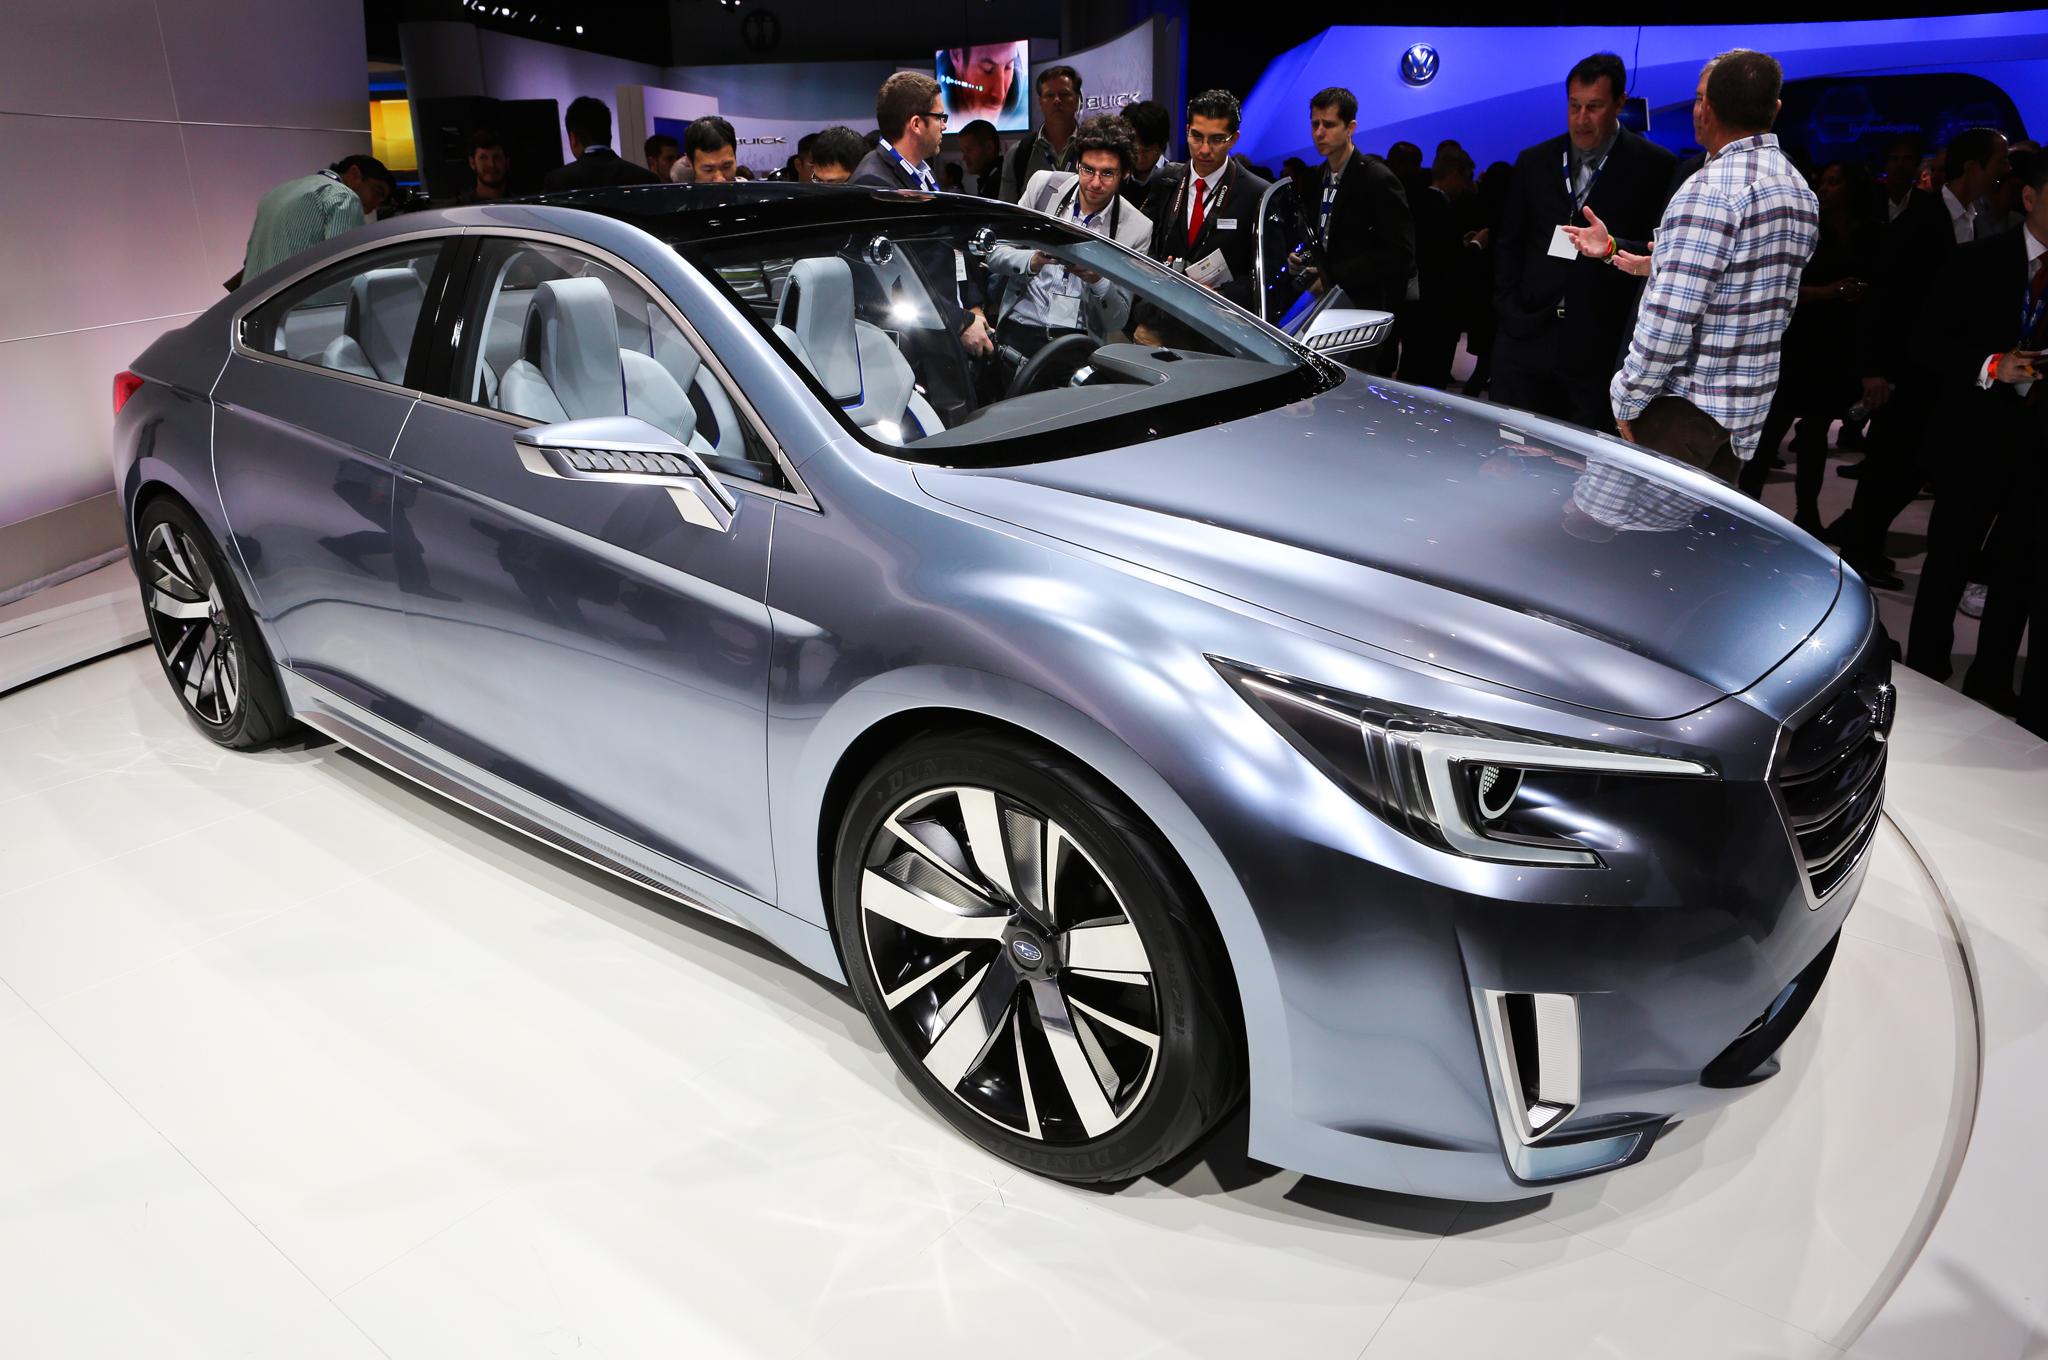 Photo: 2015 Subaru Legacy Concept Revealed